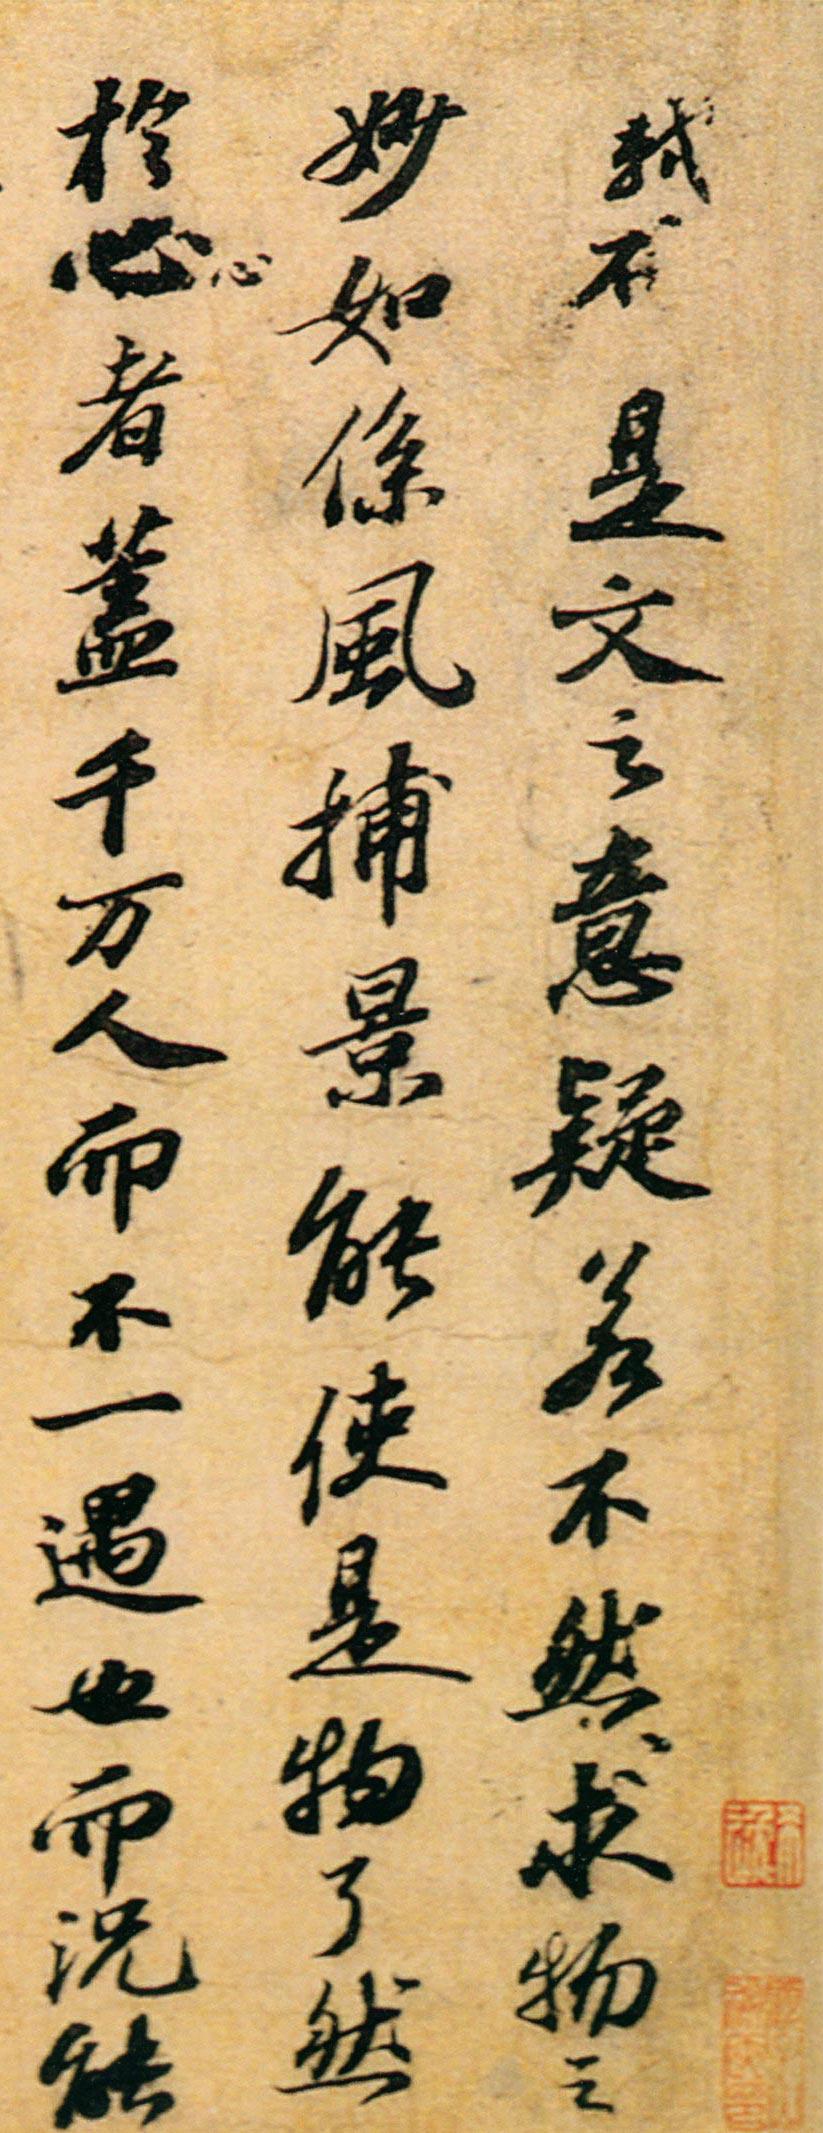 上海博物馆收藏的《与谢民师论文帖》 非此次展览展品